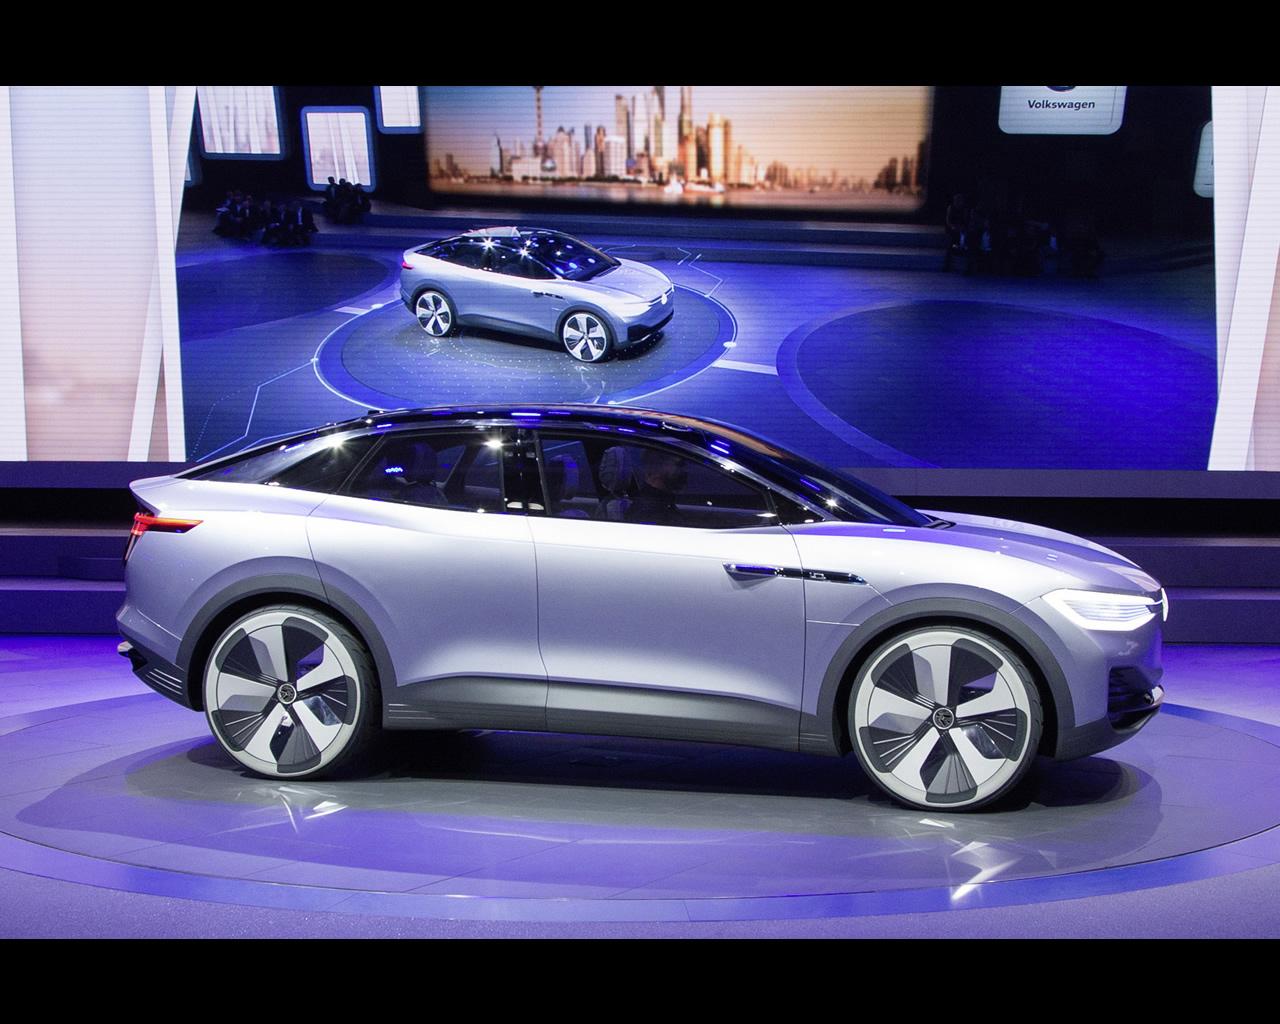 volkswagen i d crozz electric crossover concept for 2020. Black Bedroom Furniture Sets. Home Design Ideas